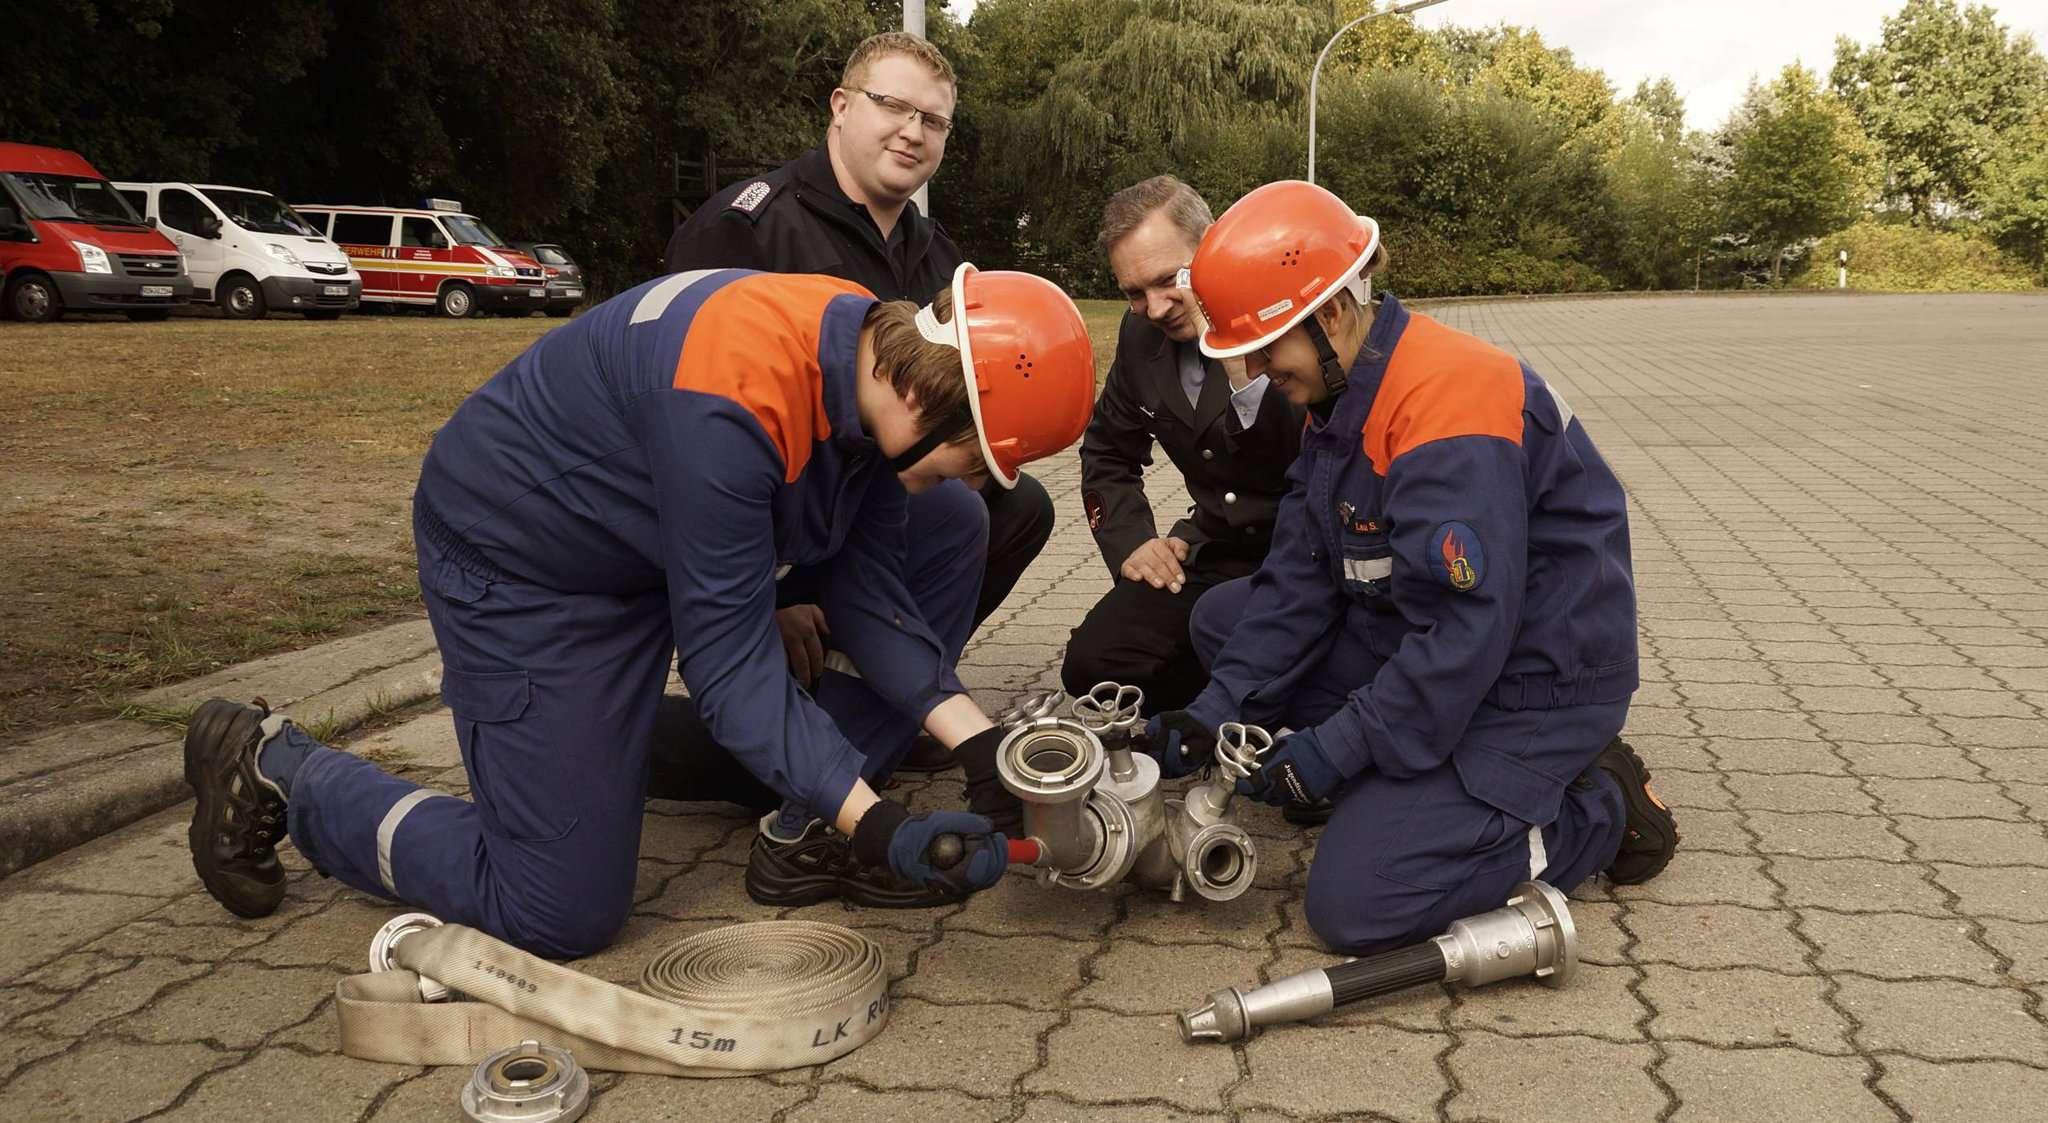 Auch eine Übung an einem Verteiler stand für den Nachwuchs auf dem Programm. Fotos: Erich Schulz